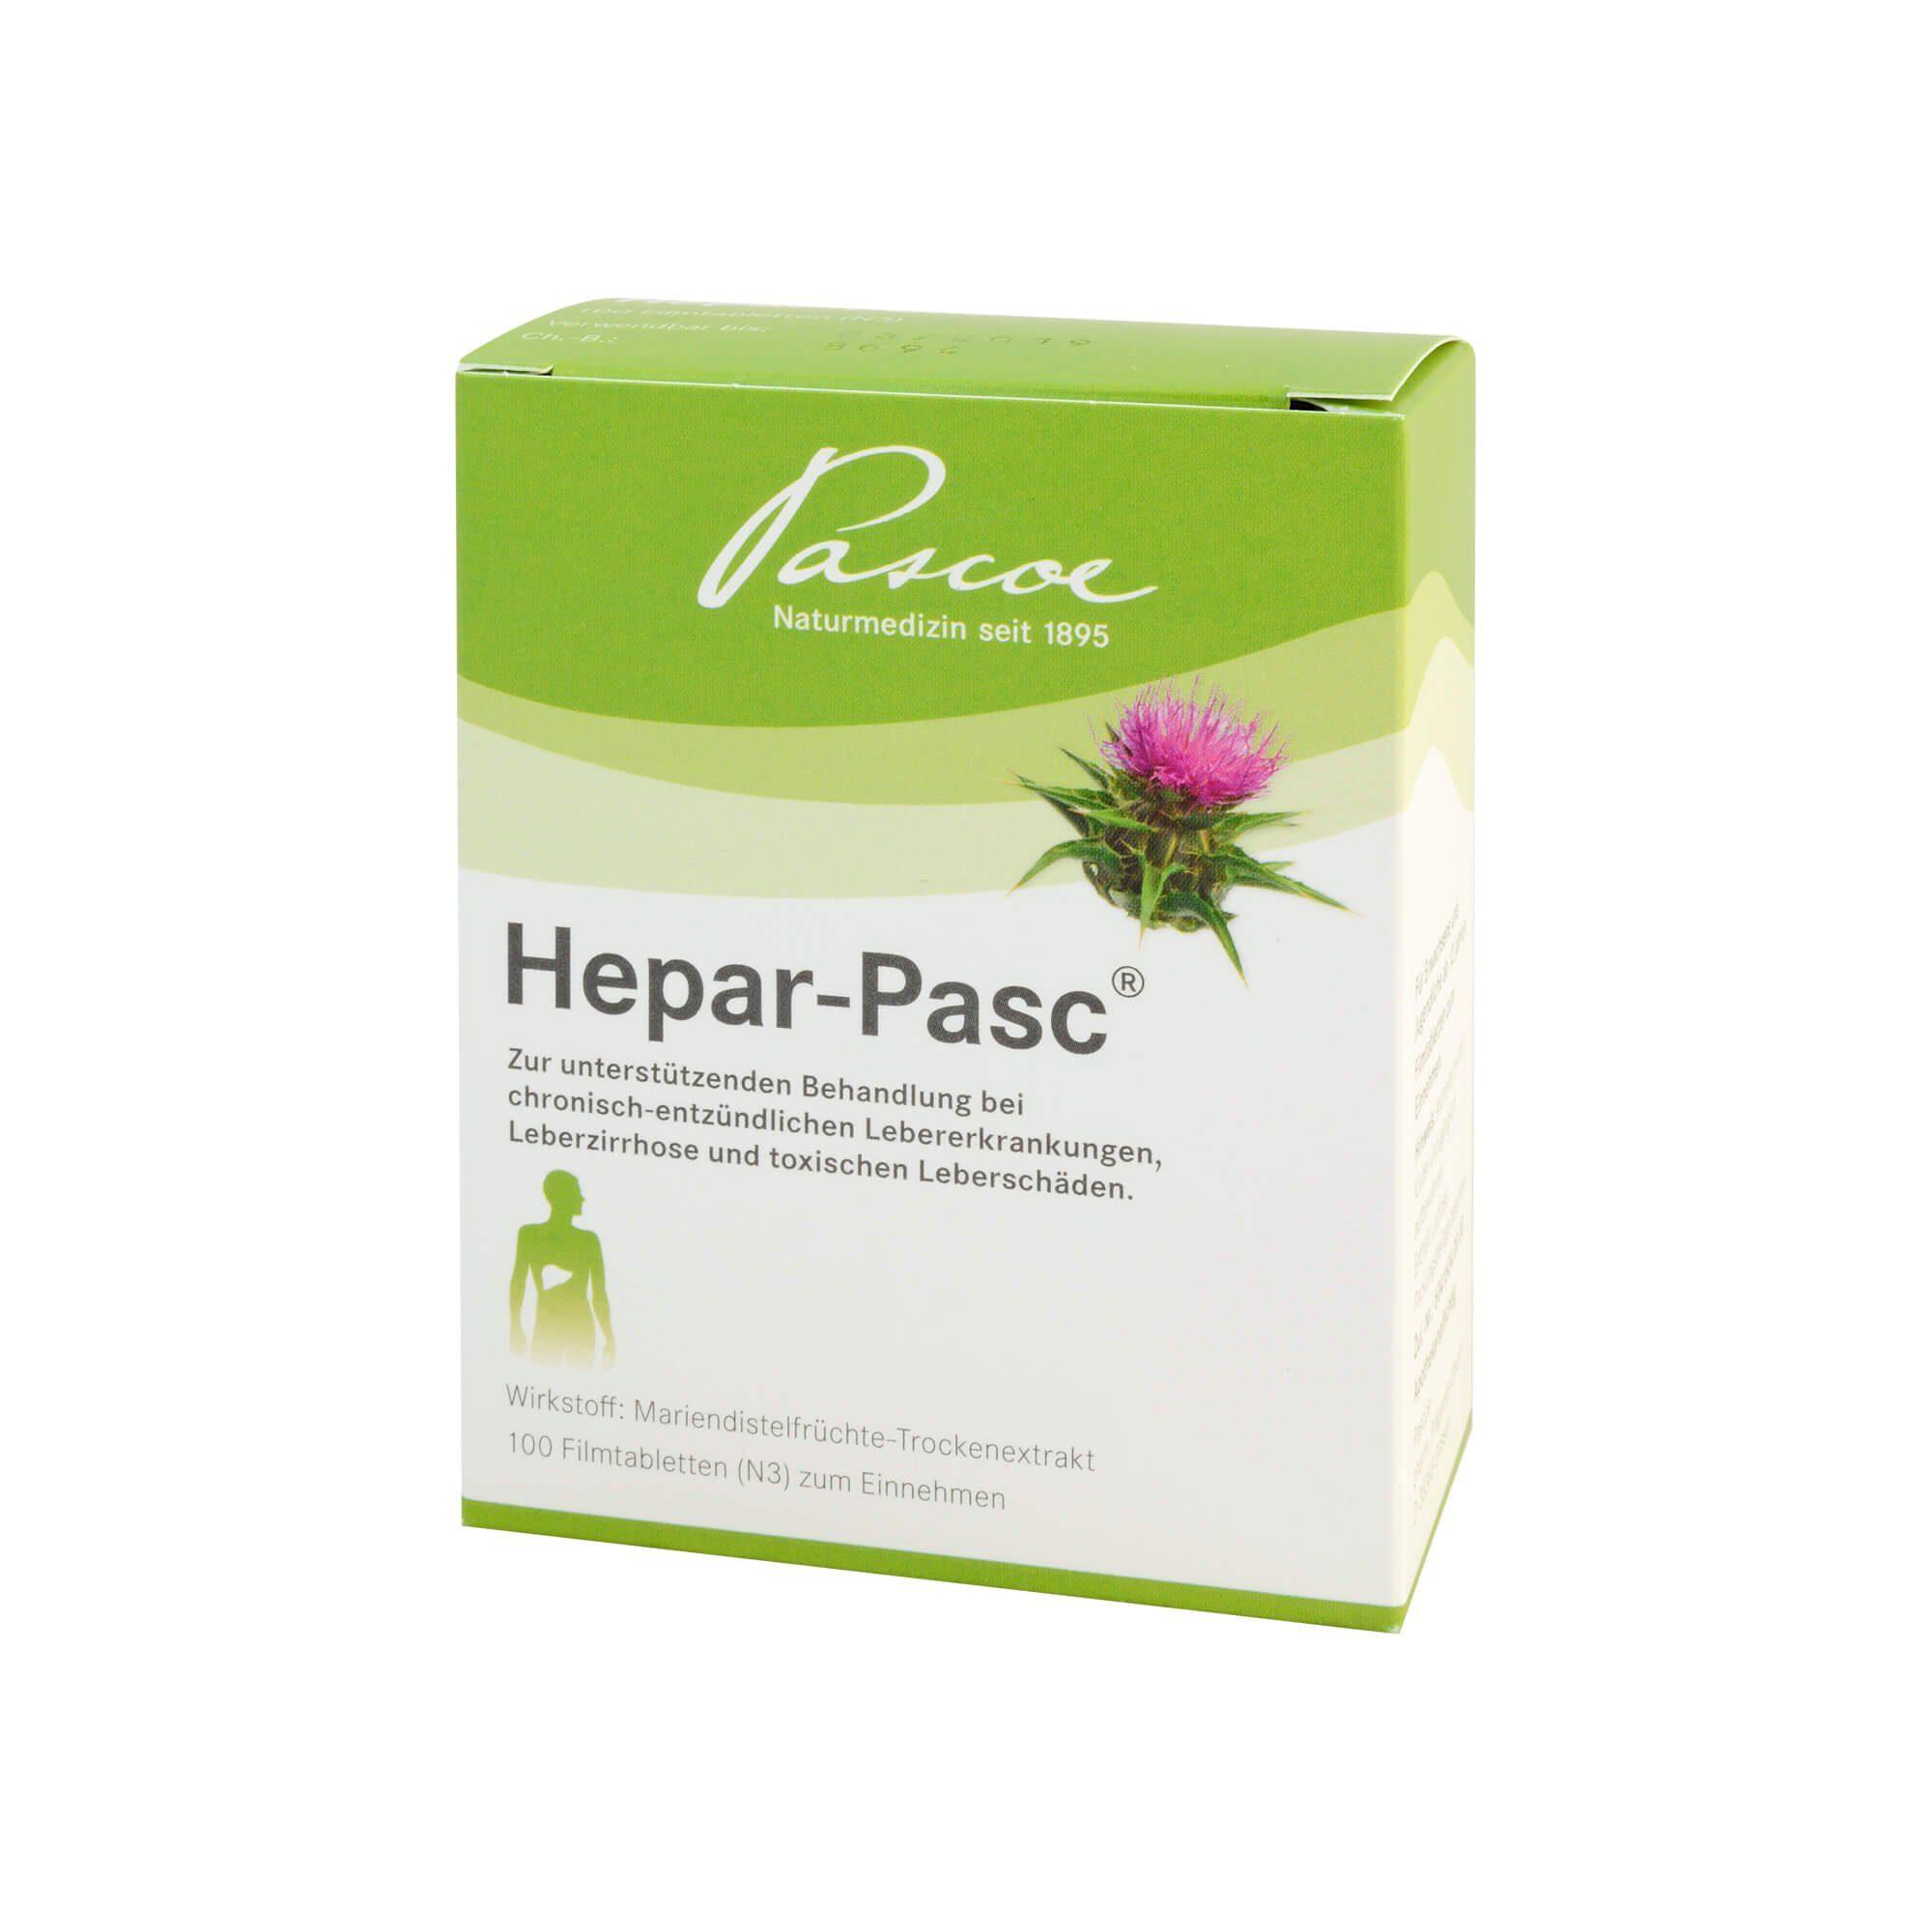 Hepar Pasc Filmtabletten, 100 St